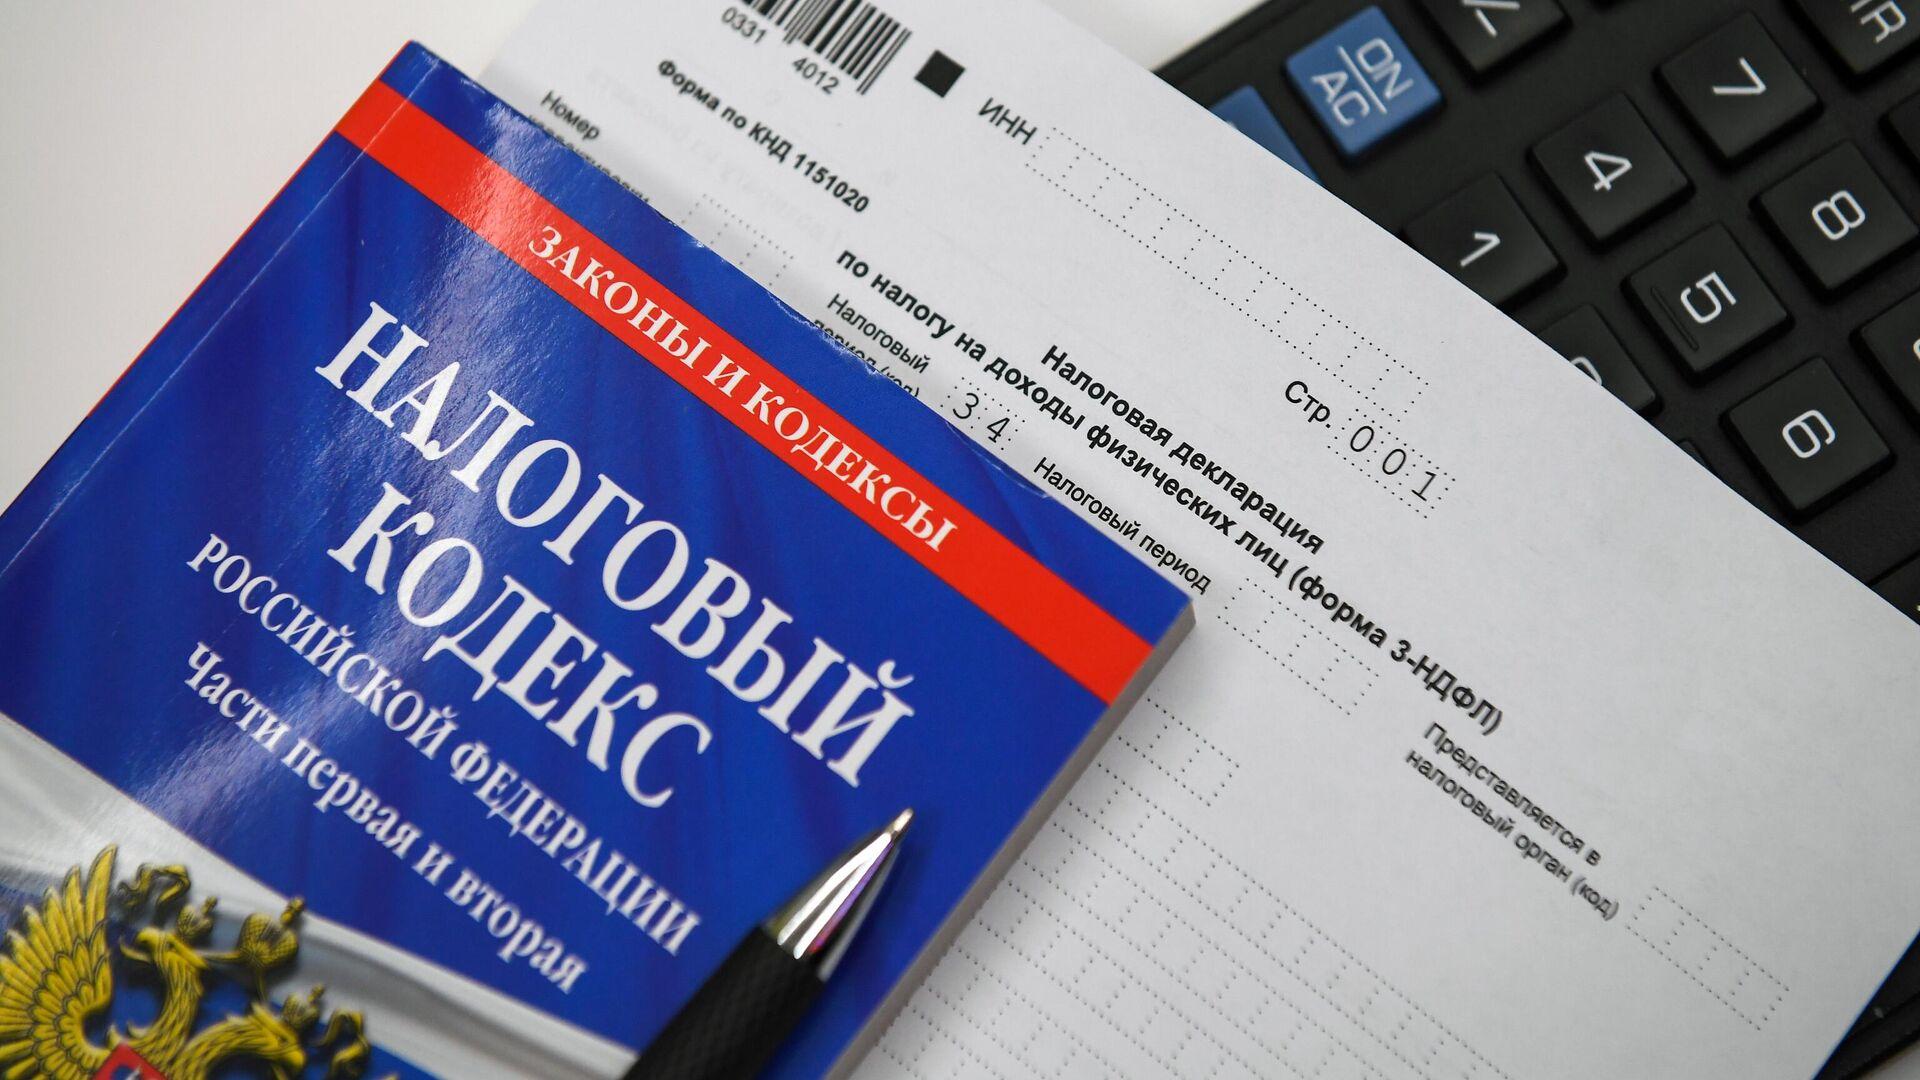 Бланк налоговой декларации на доходы физических лиц - РИА Новости, 1920, 06.04.2021